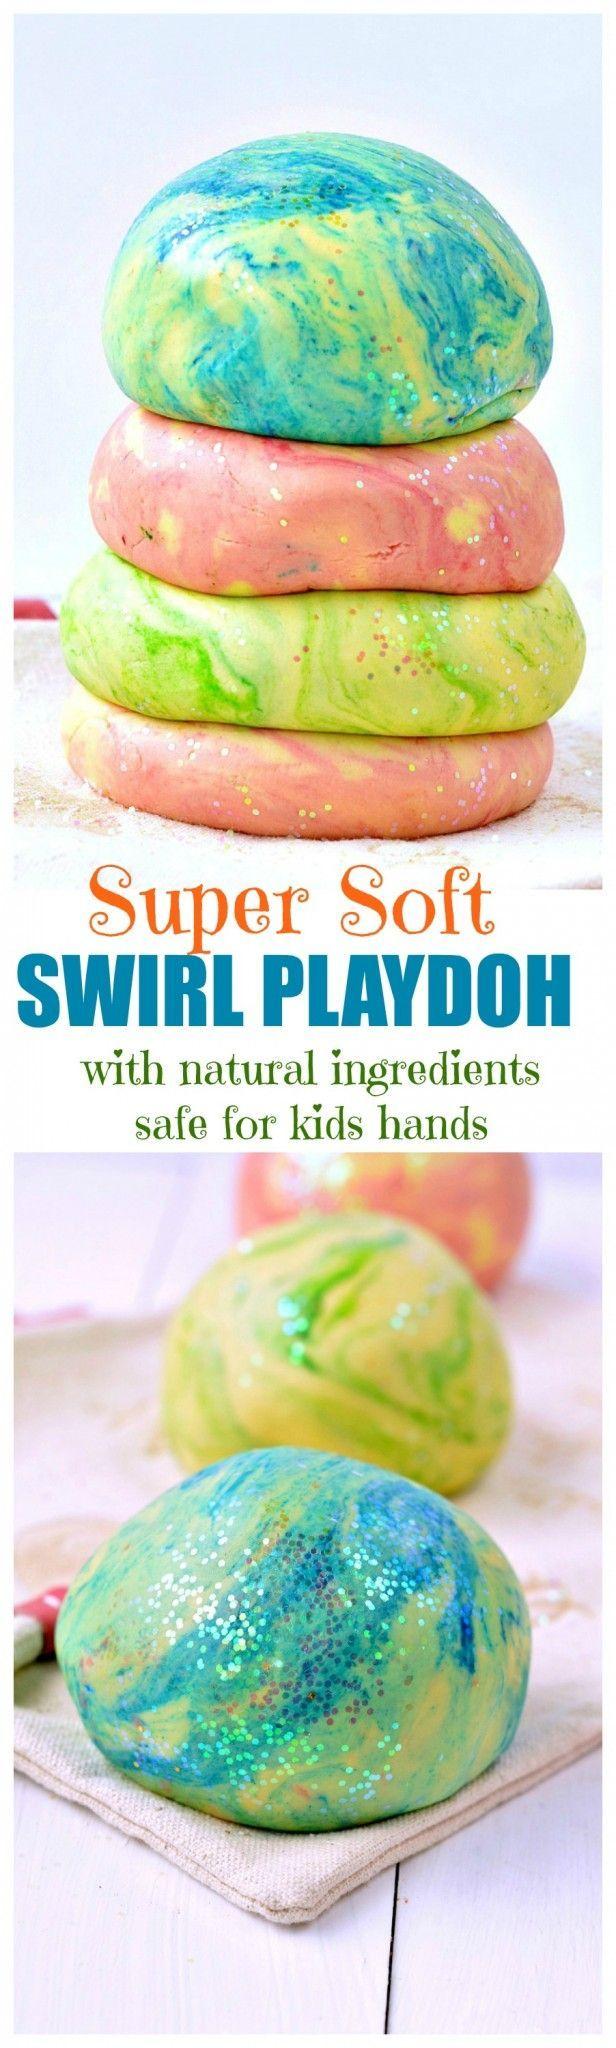 Multicolored playdough recipe